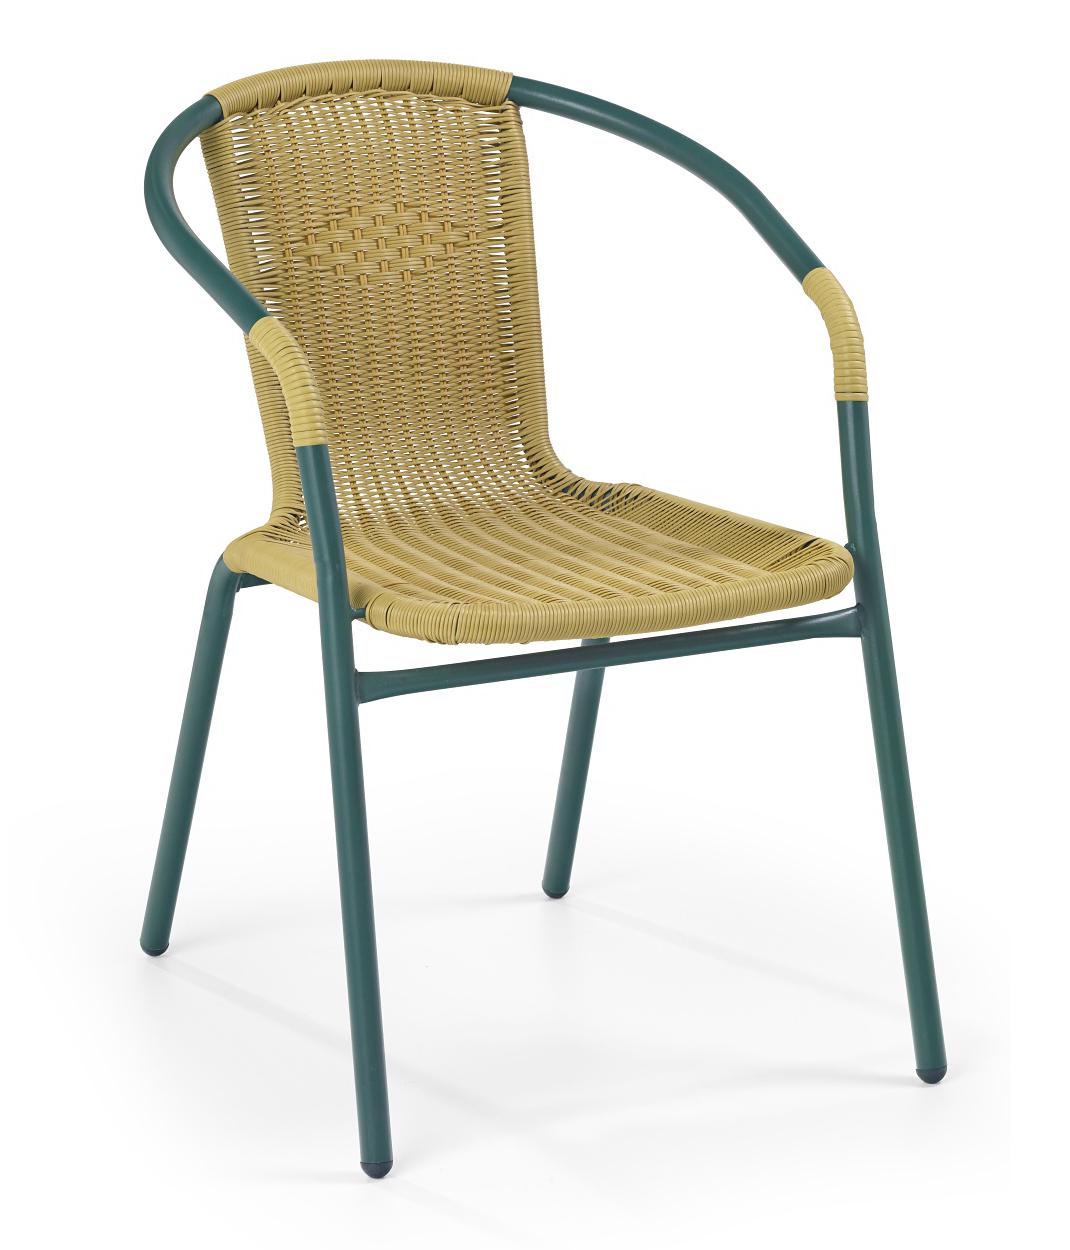 Záhradná stolička - Halmar - Grand